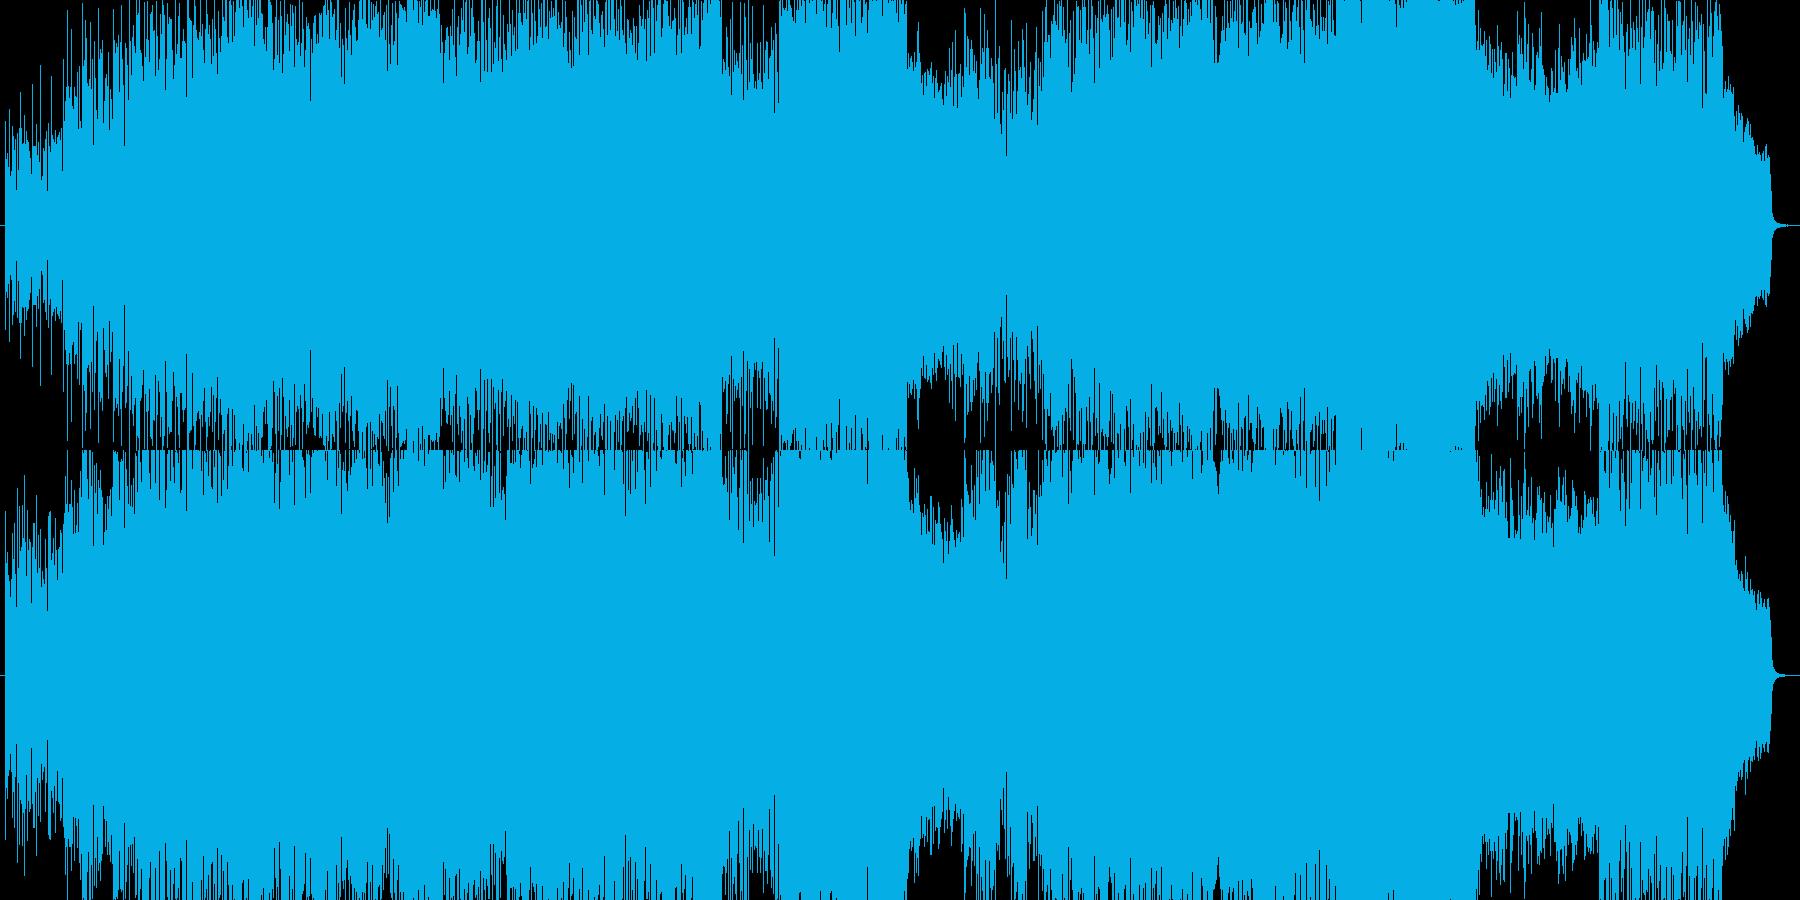 勇壮なテクノヴァイオリンオーケストラ曲の再生済みの波形